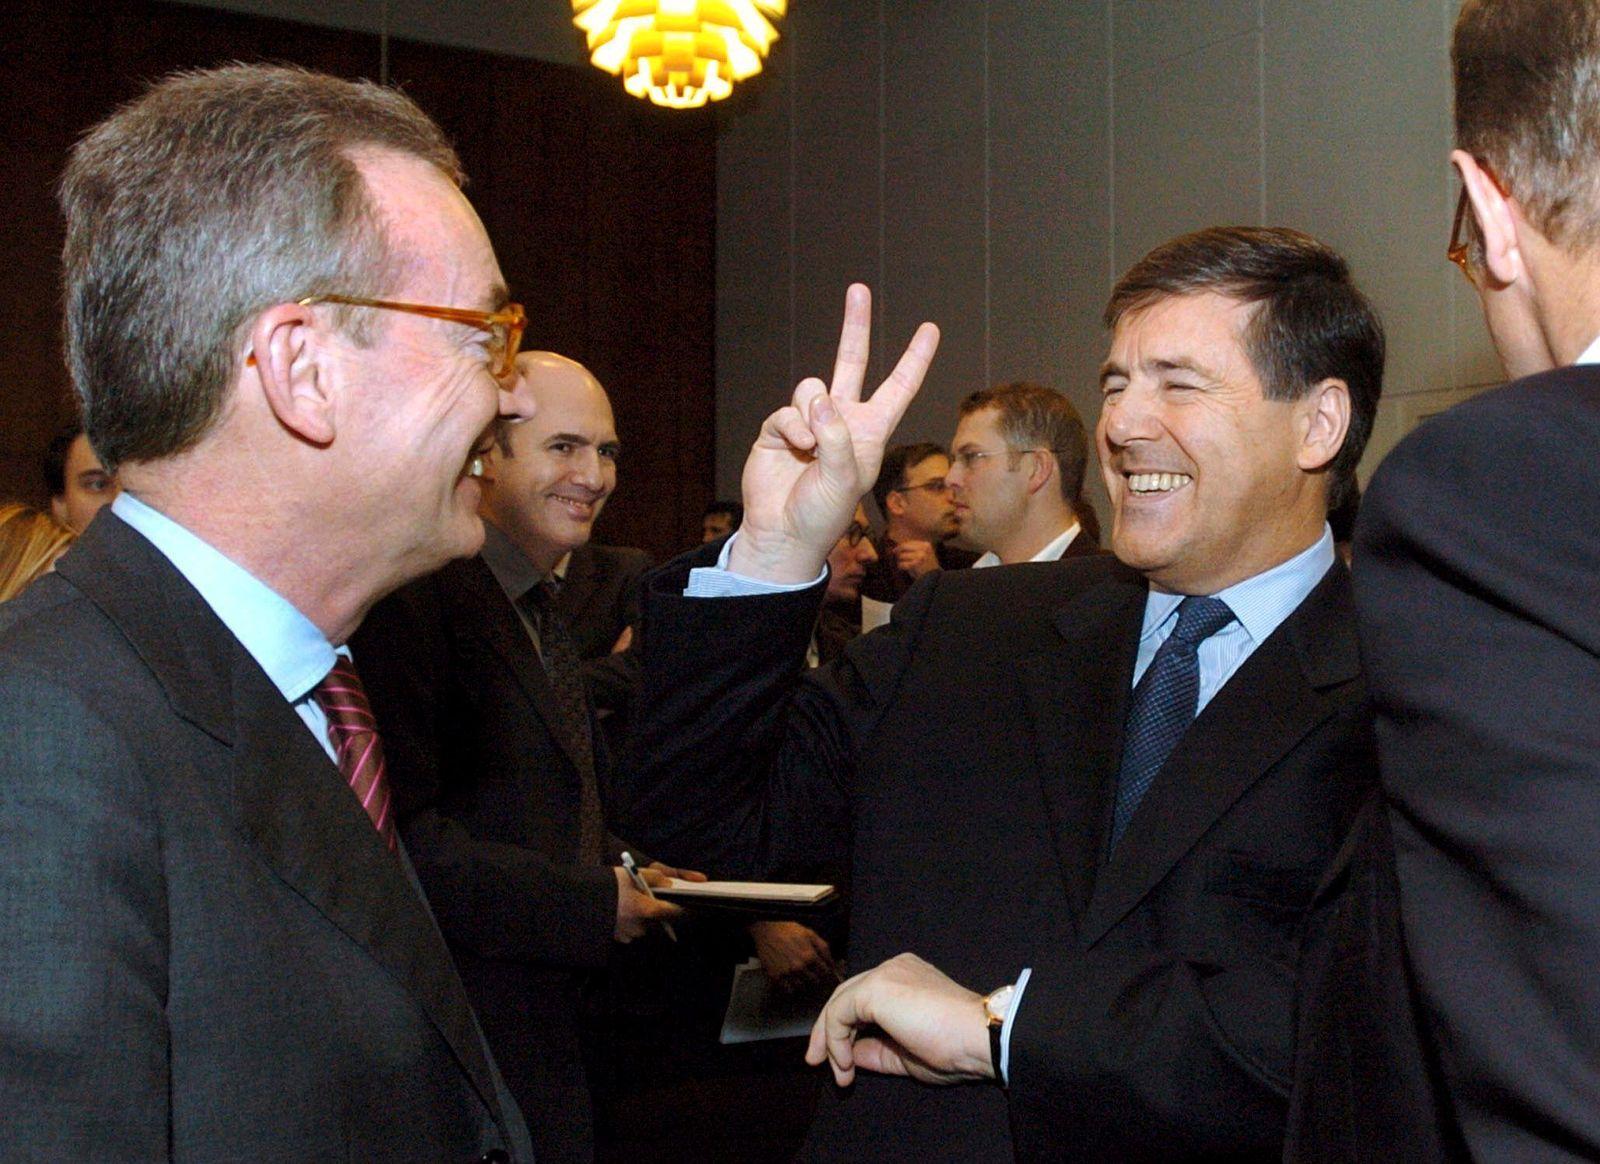 Deutsche Bank - Ackermann mit Victory-Zeichen